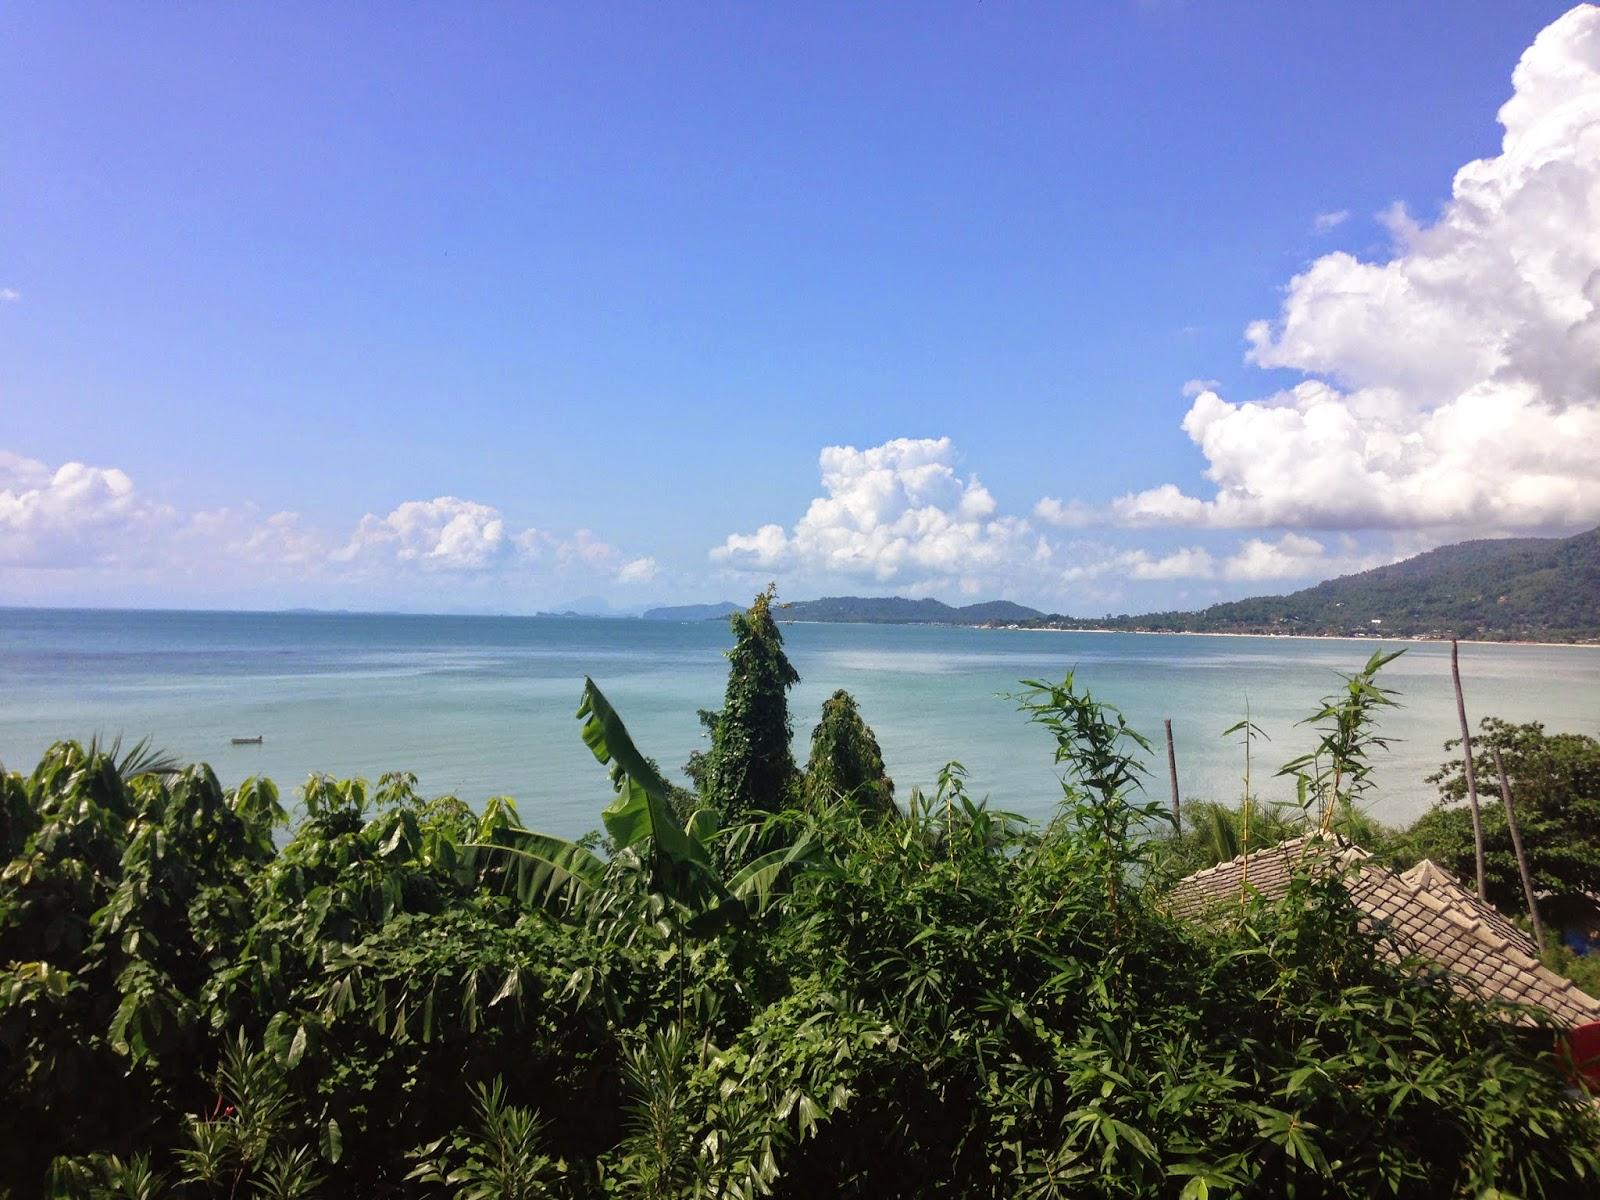 Vista do quarto do Cinnamon Villas Beach Resort